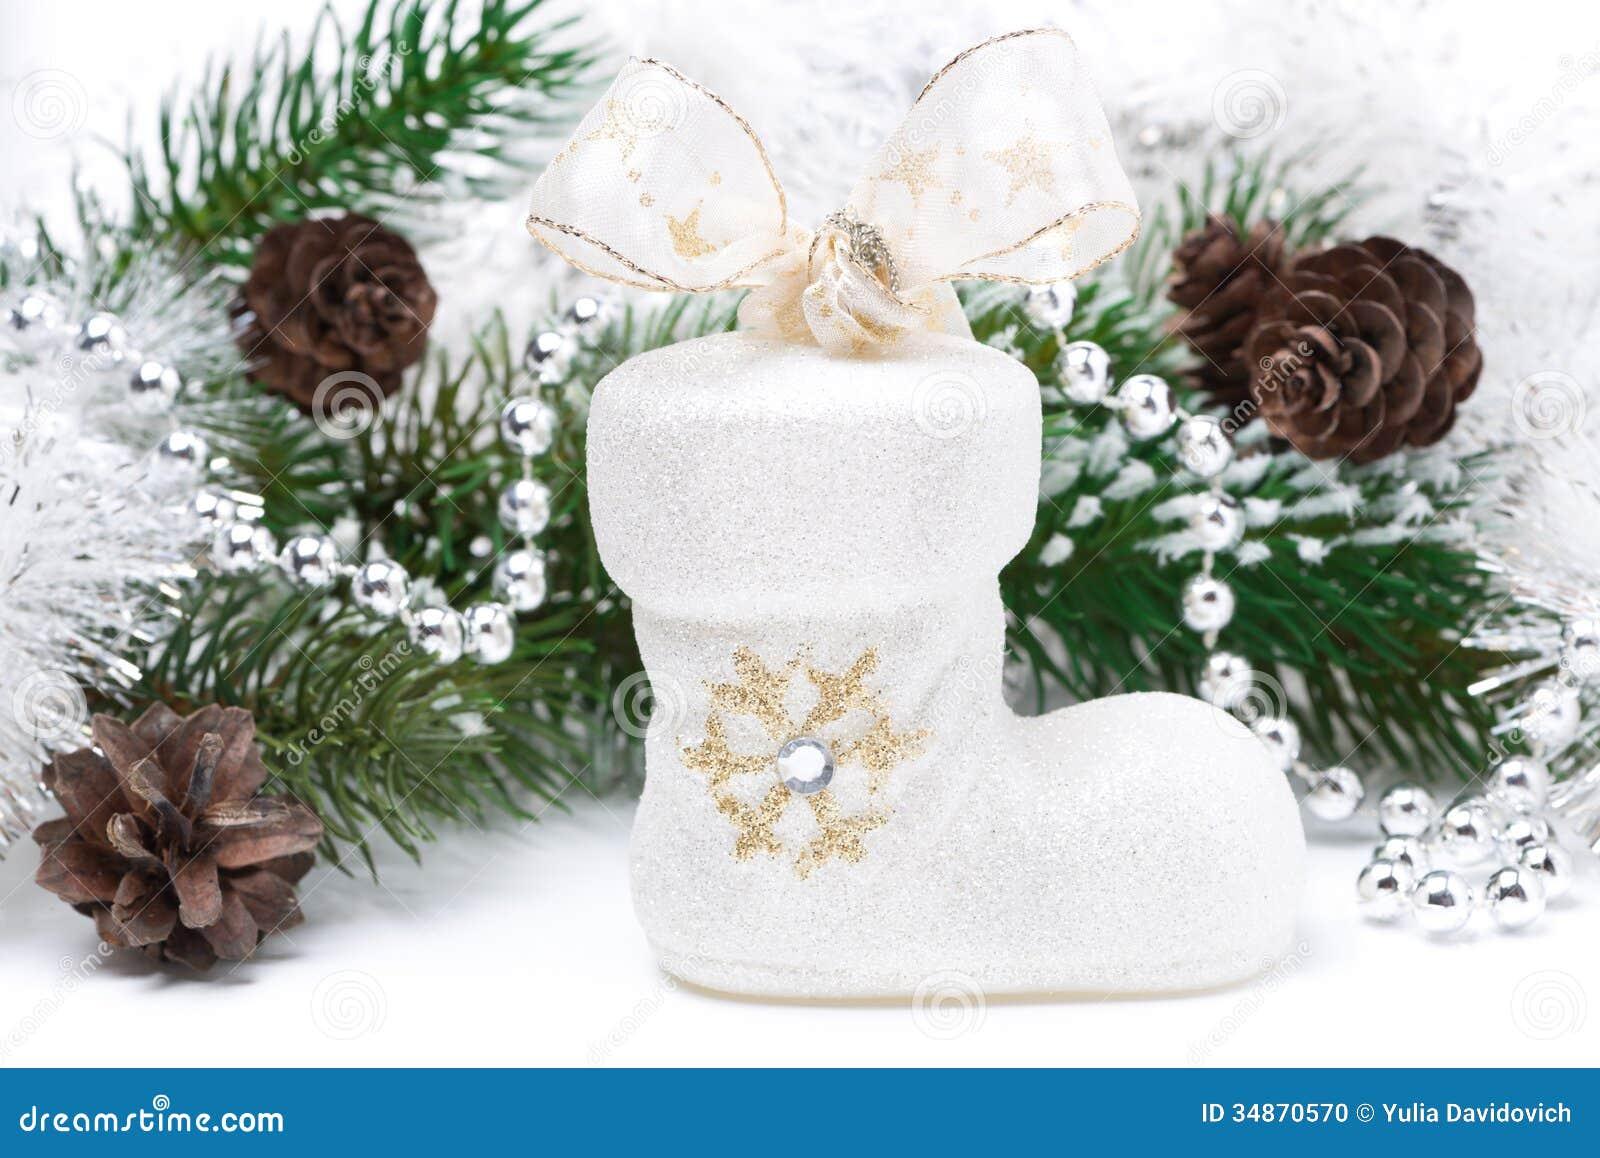 Composici n con las decoraciones de la navidad botas for Ramas blancas decoracion